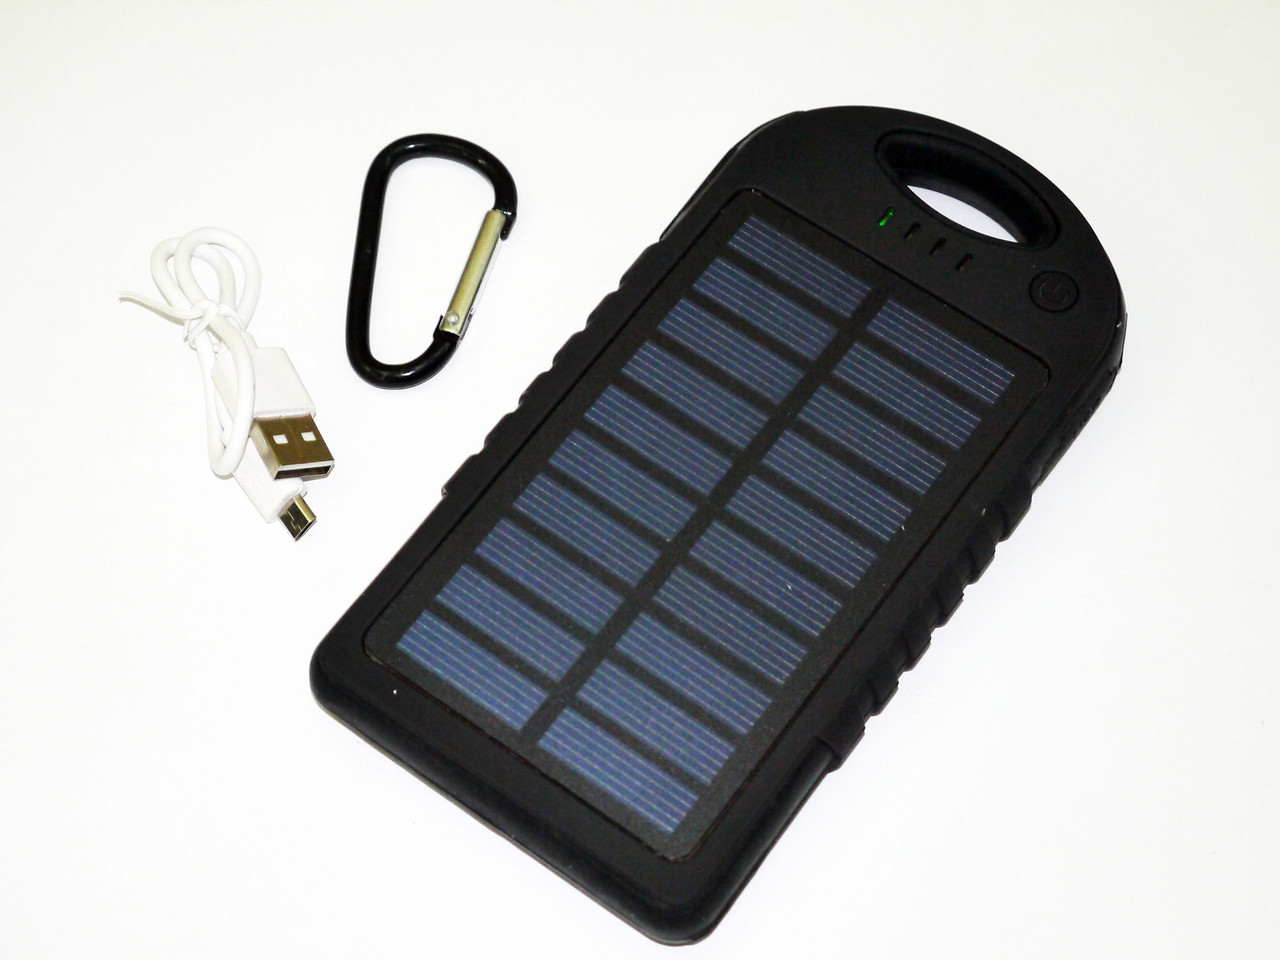 Power Bank зарядка от солнца 40000 mAh + карабин